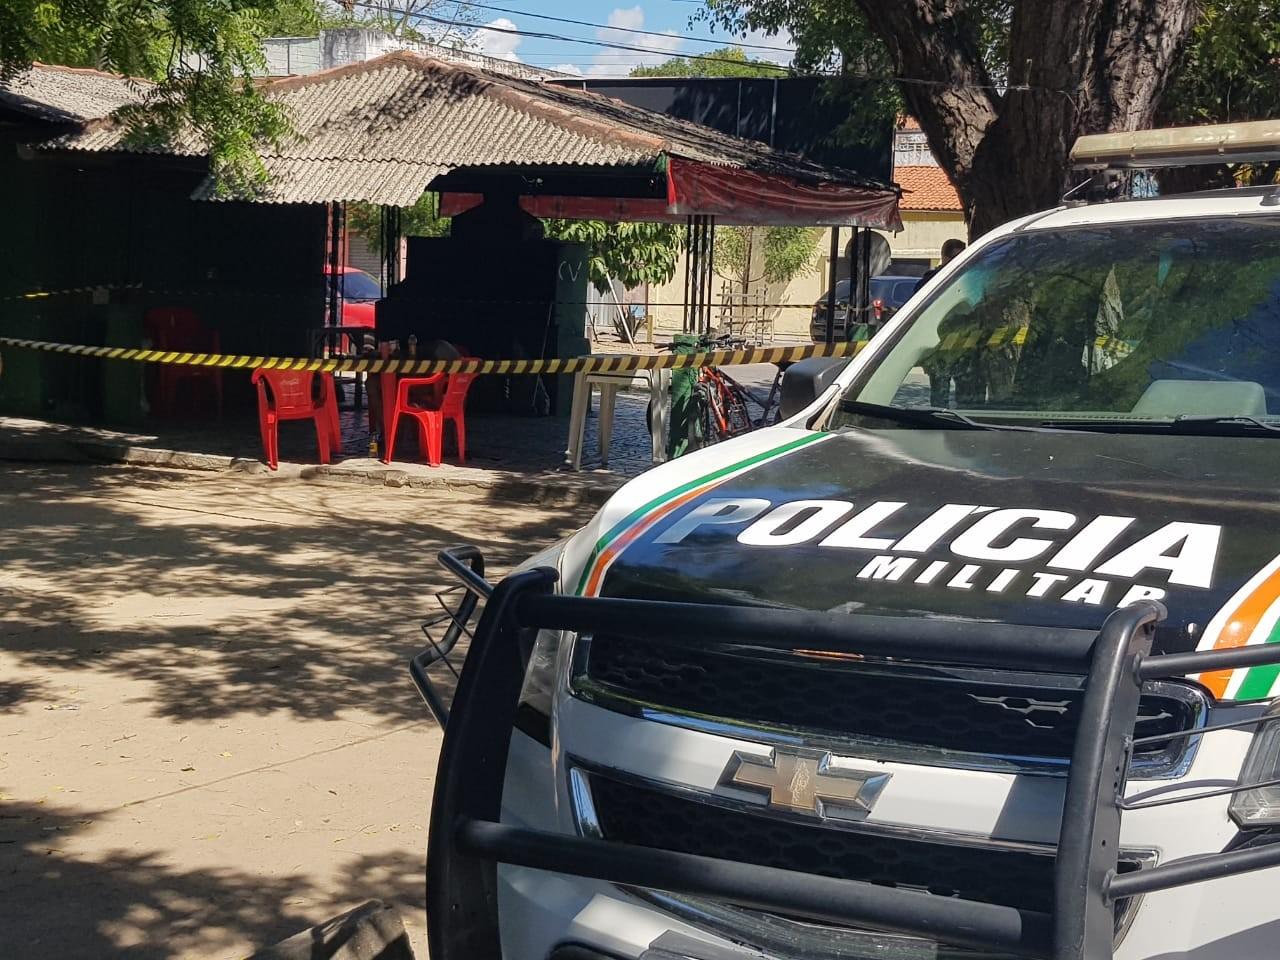 Mulher é morta a tiros na frente de amigos em calçada de bar em Fortaleza